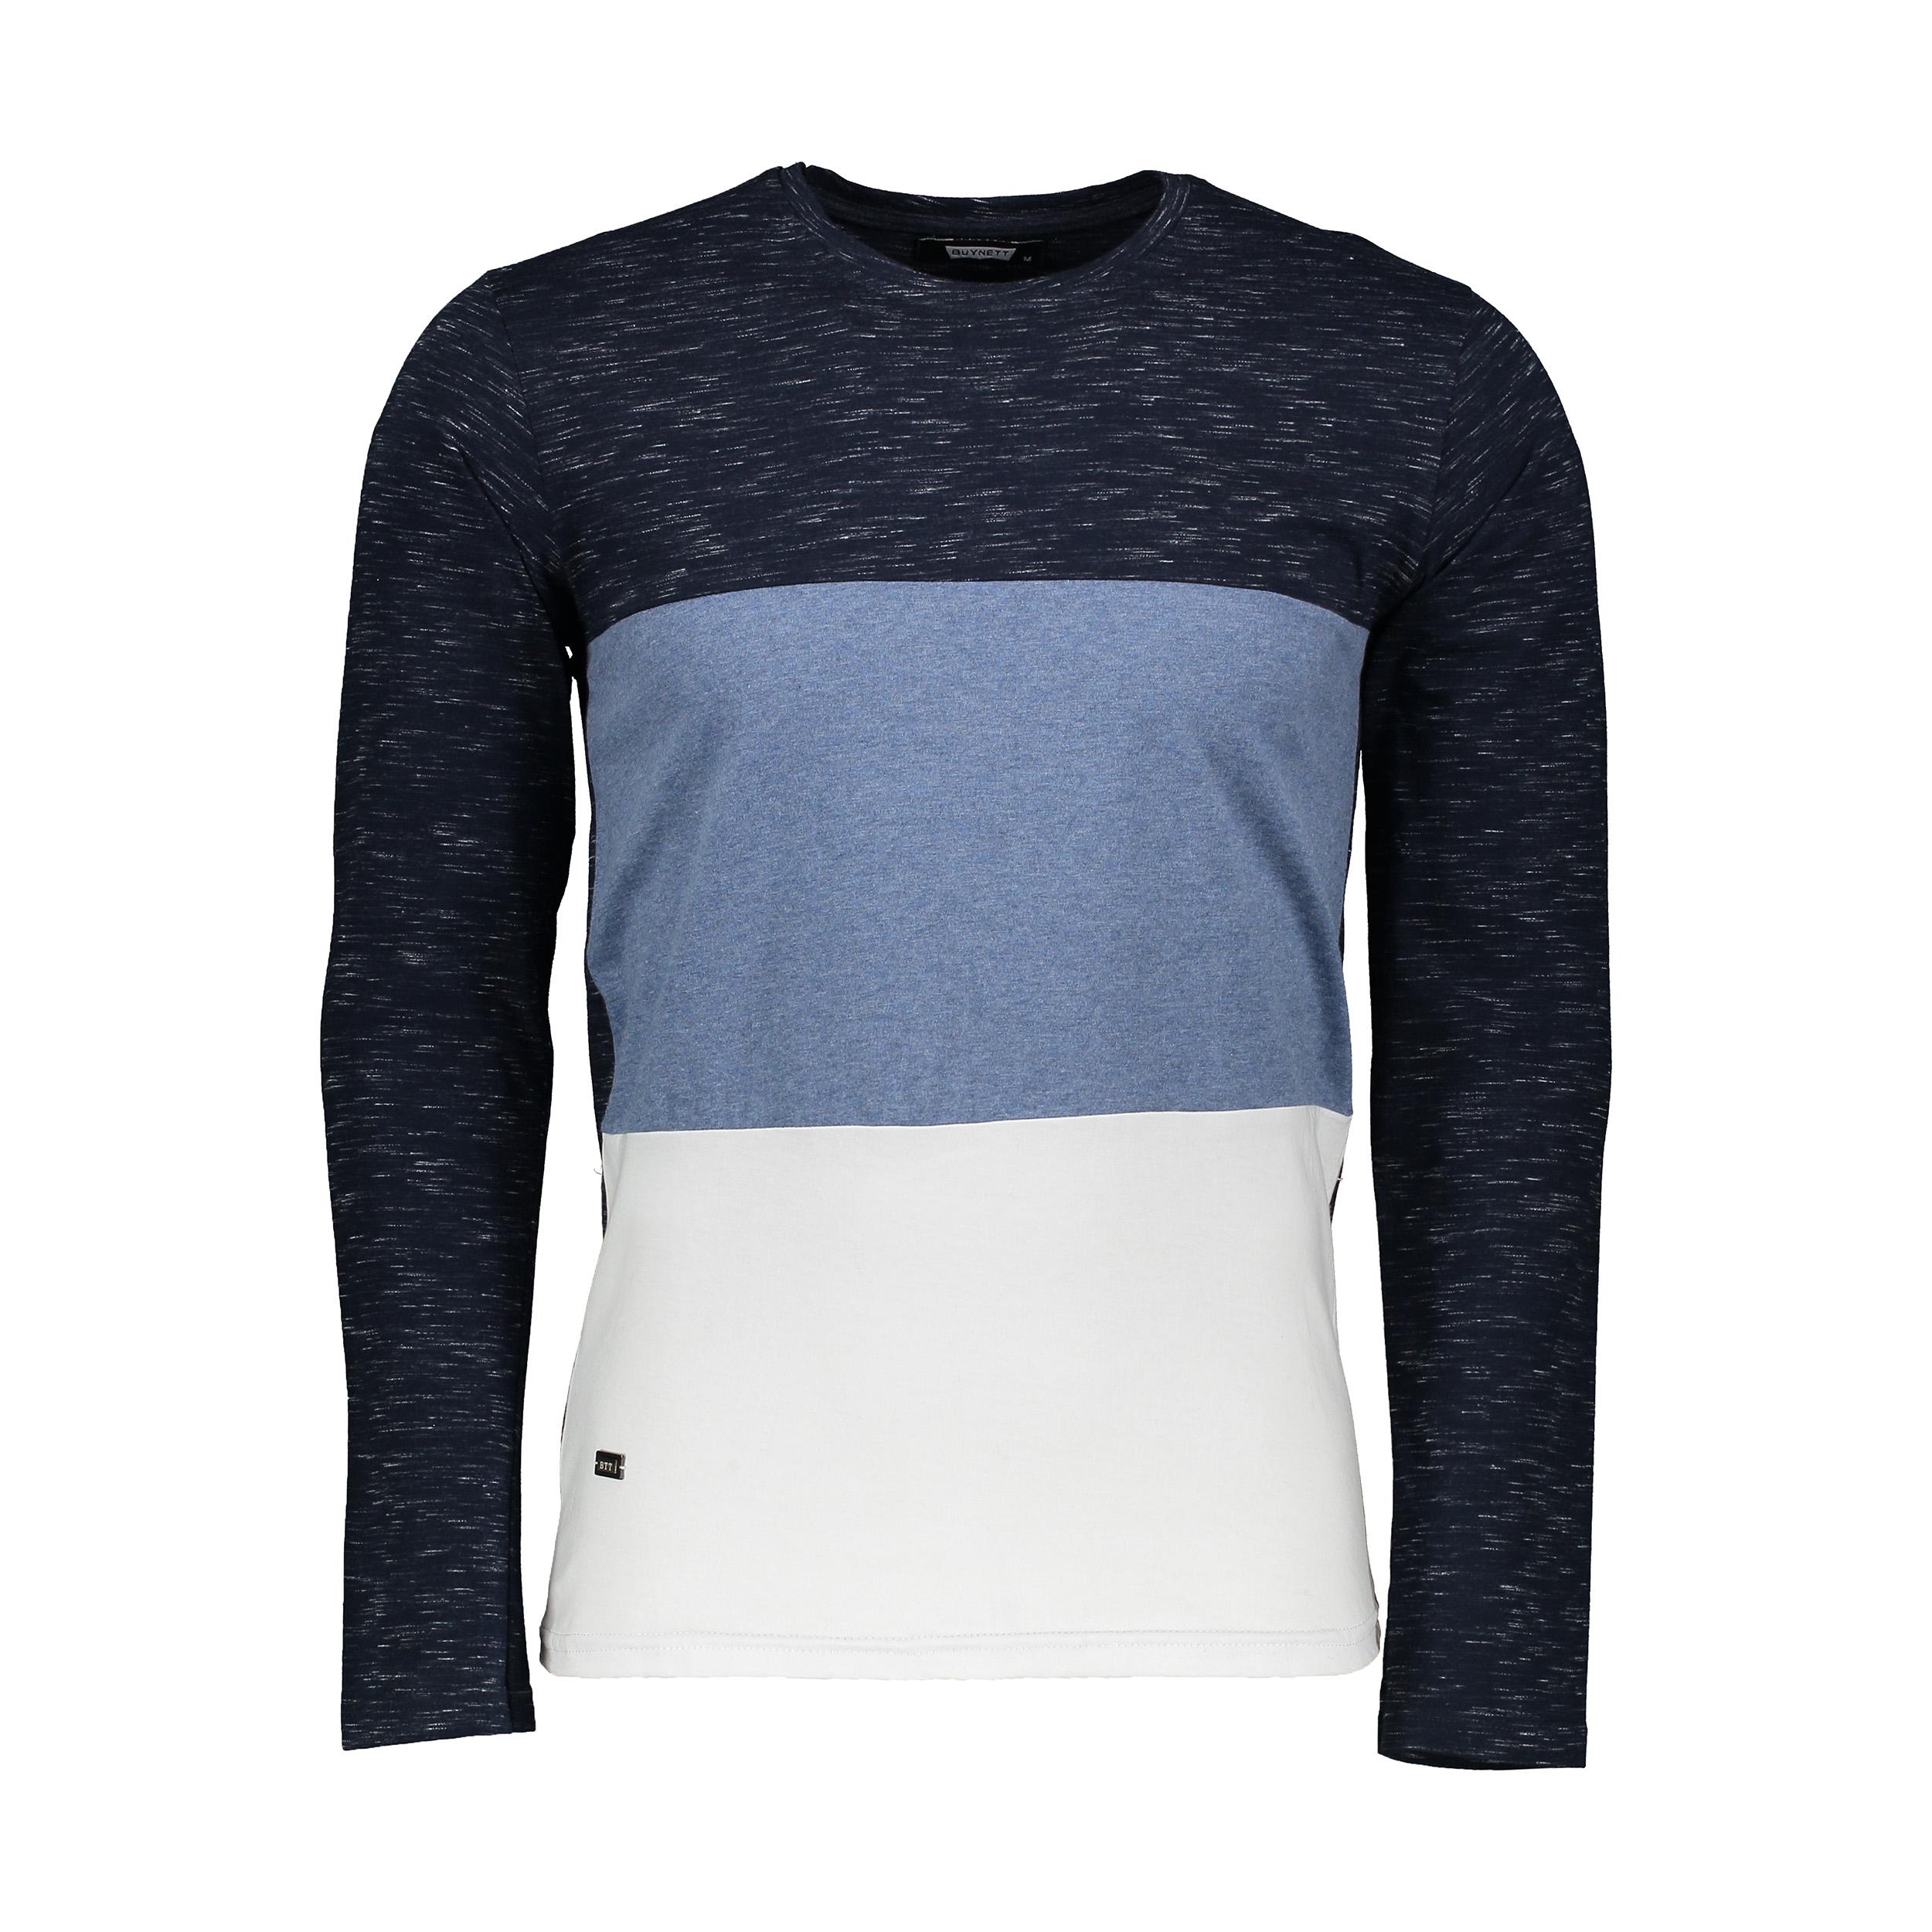 تی شرت آستین بلند مردانه بای نت کد 298-3